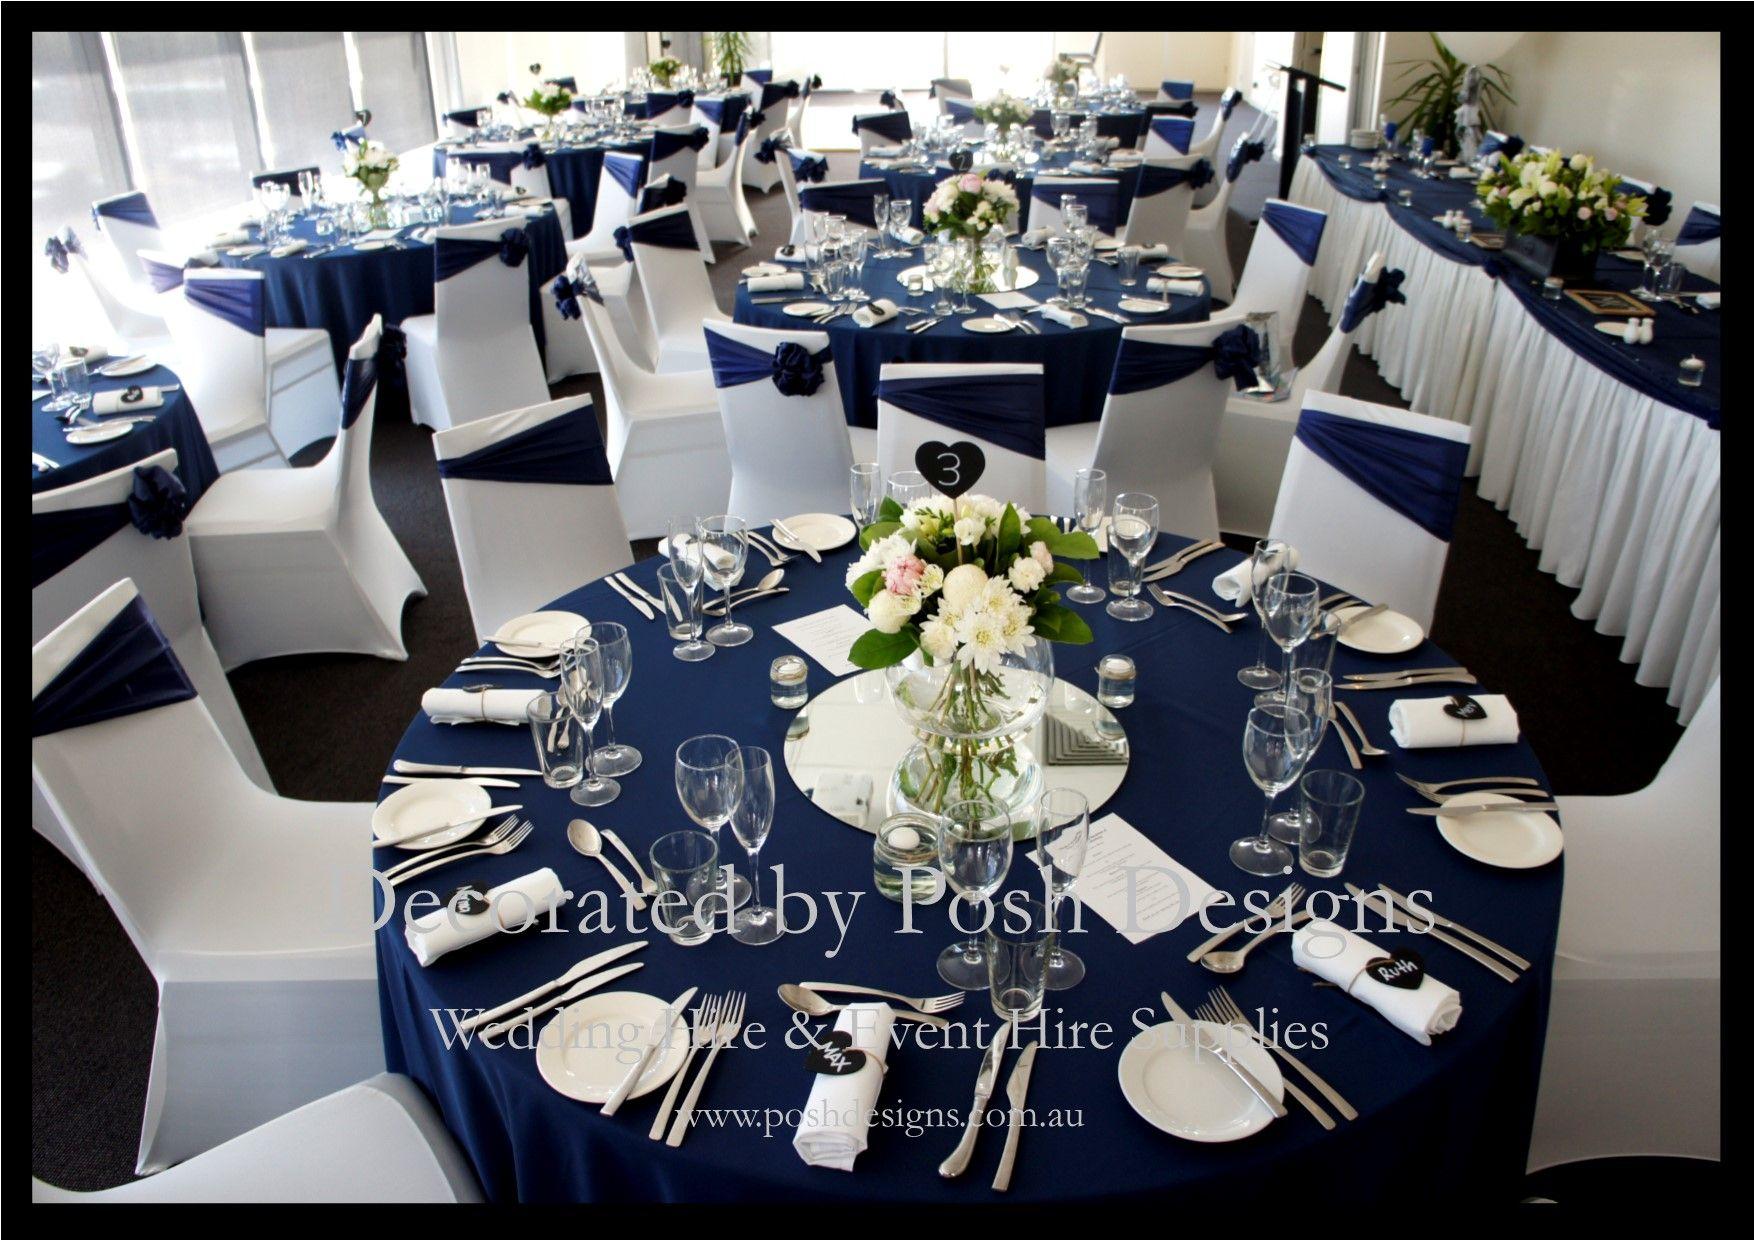 Pin by Toyya TAYLOR on Wedding ideas  Pinterest  Wedding Wedding